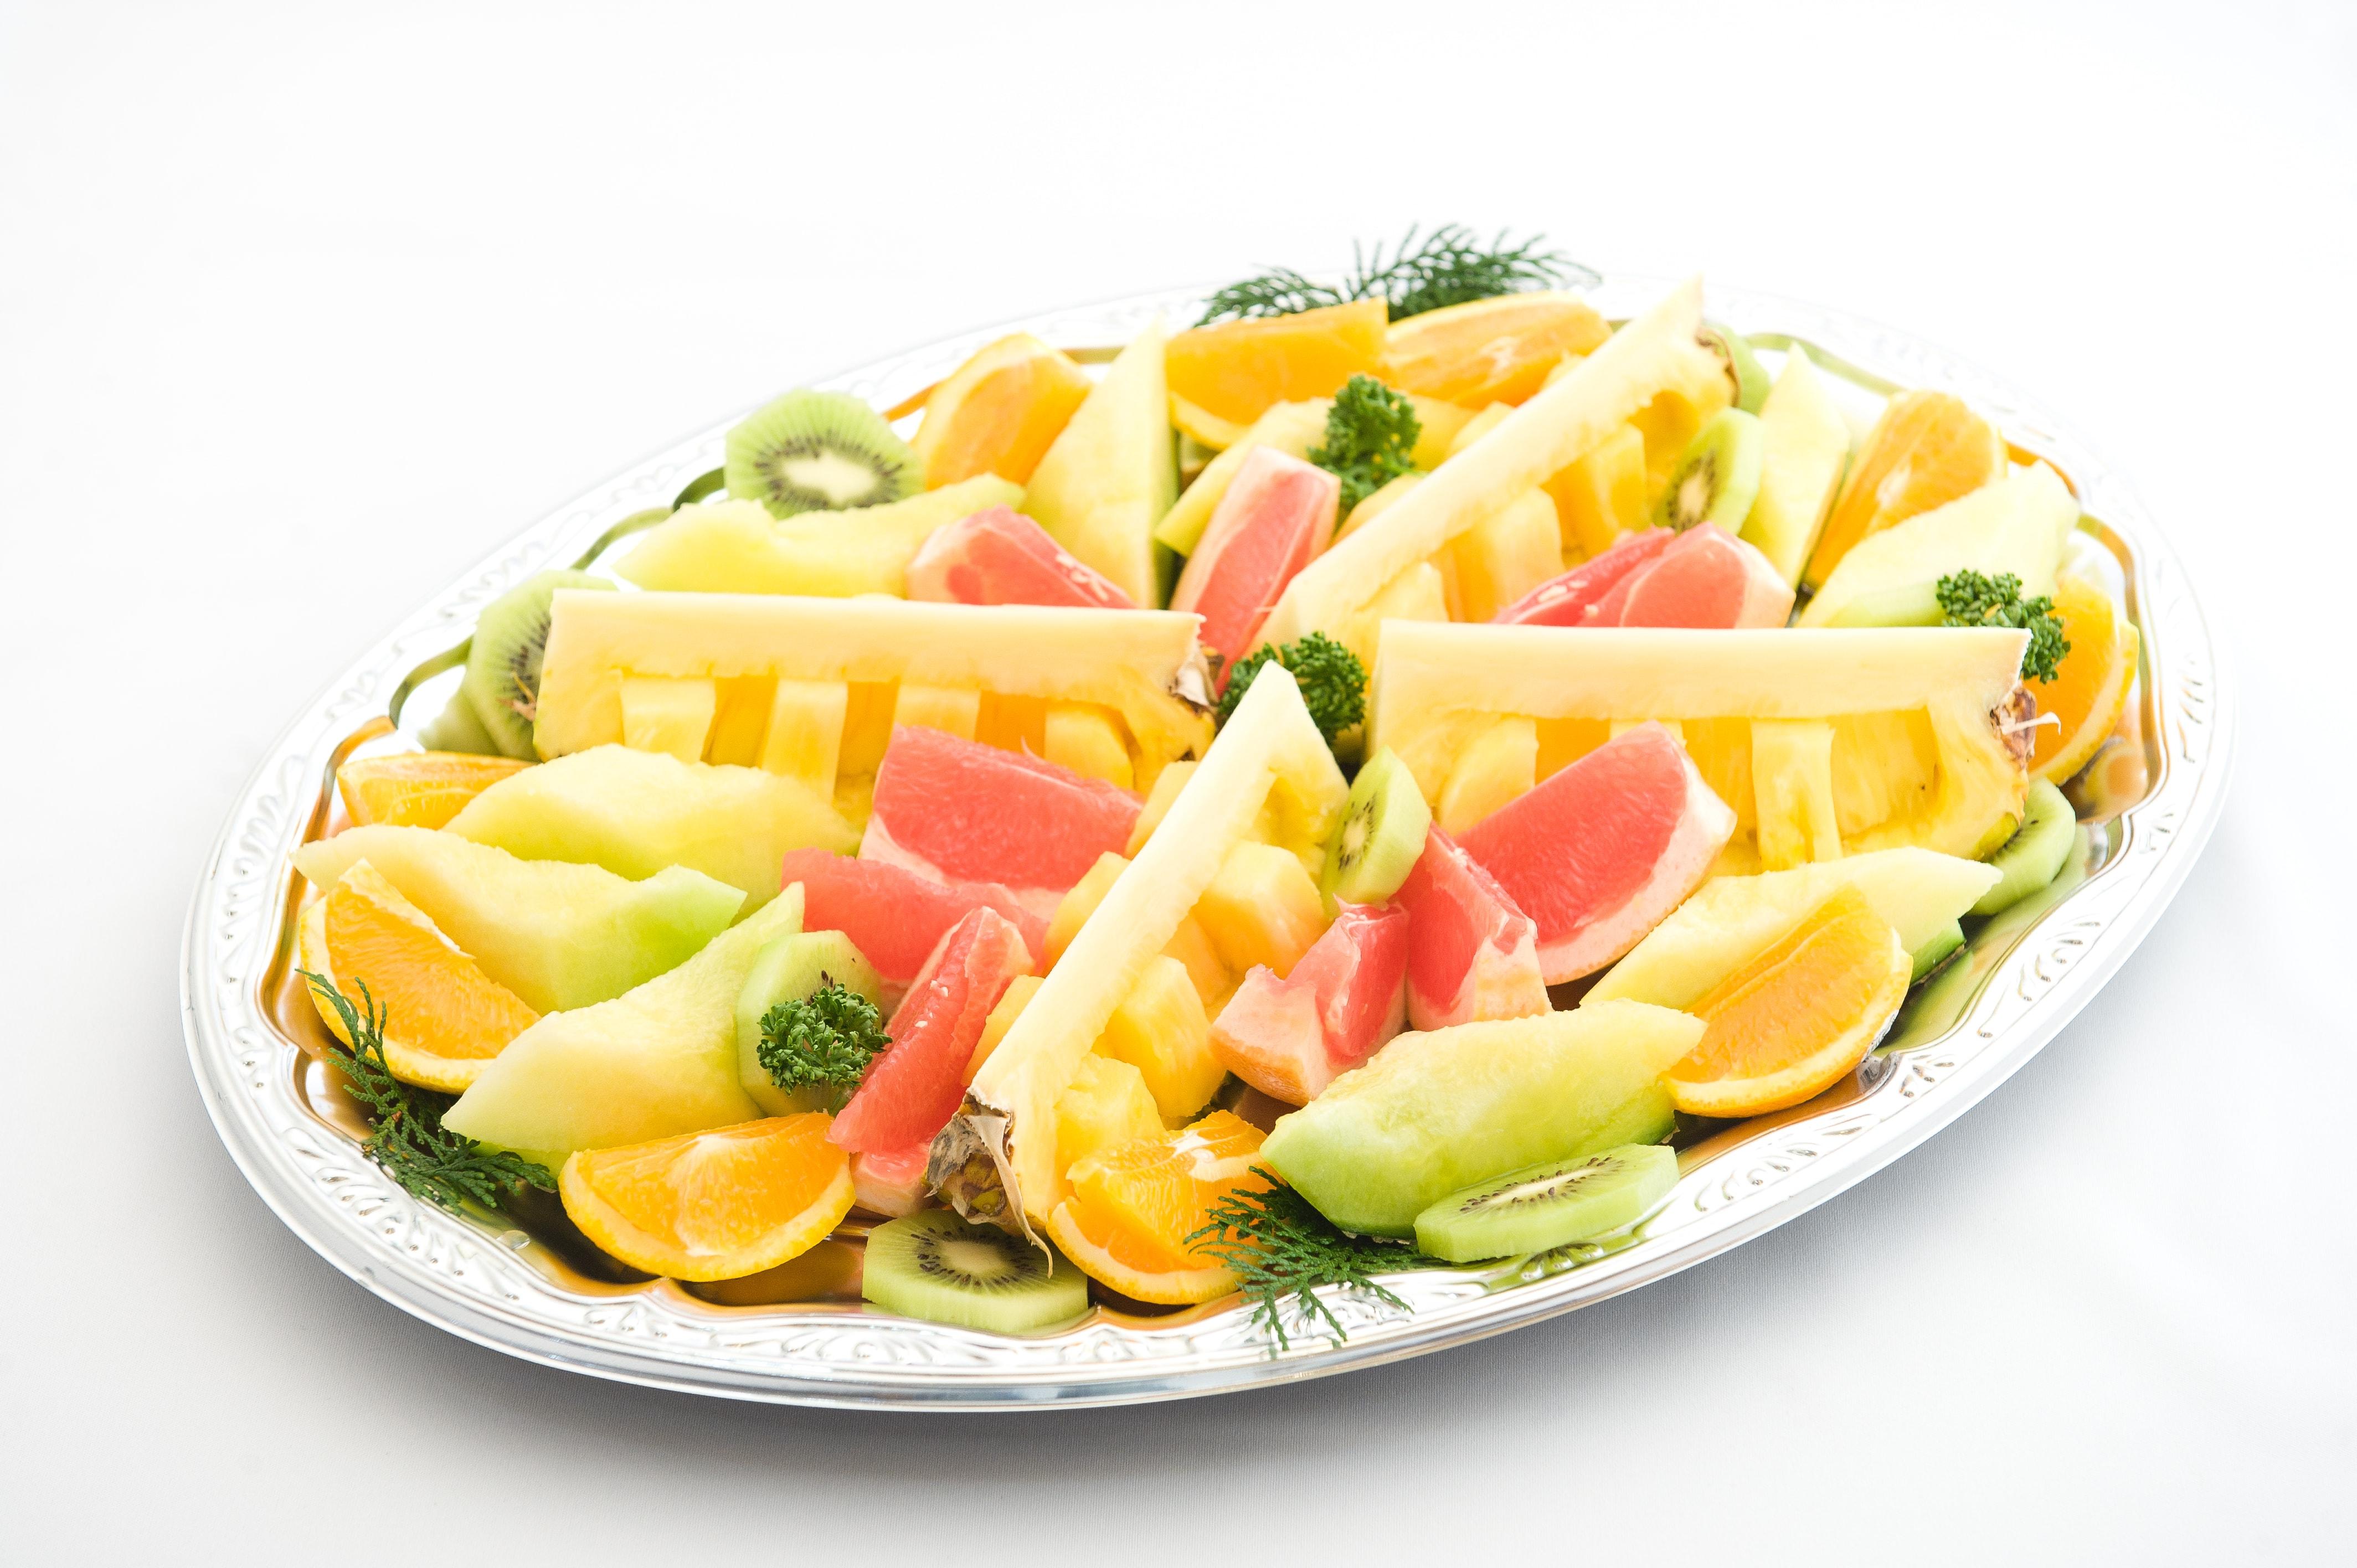 6-5 フルーツ盛り合わせ画像